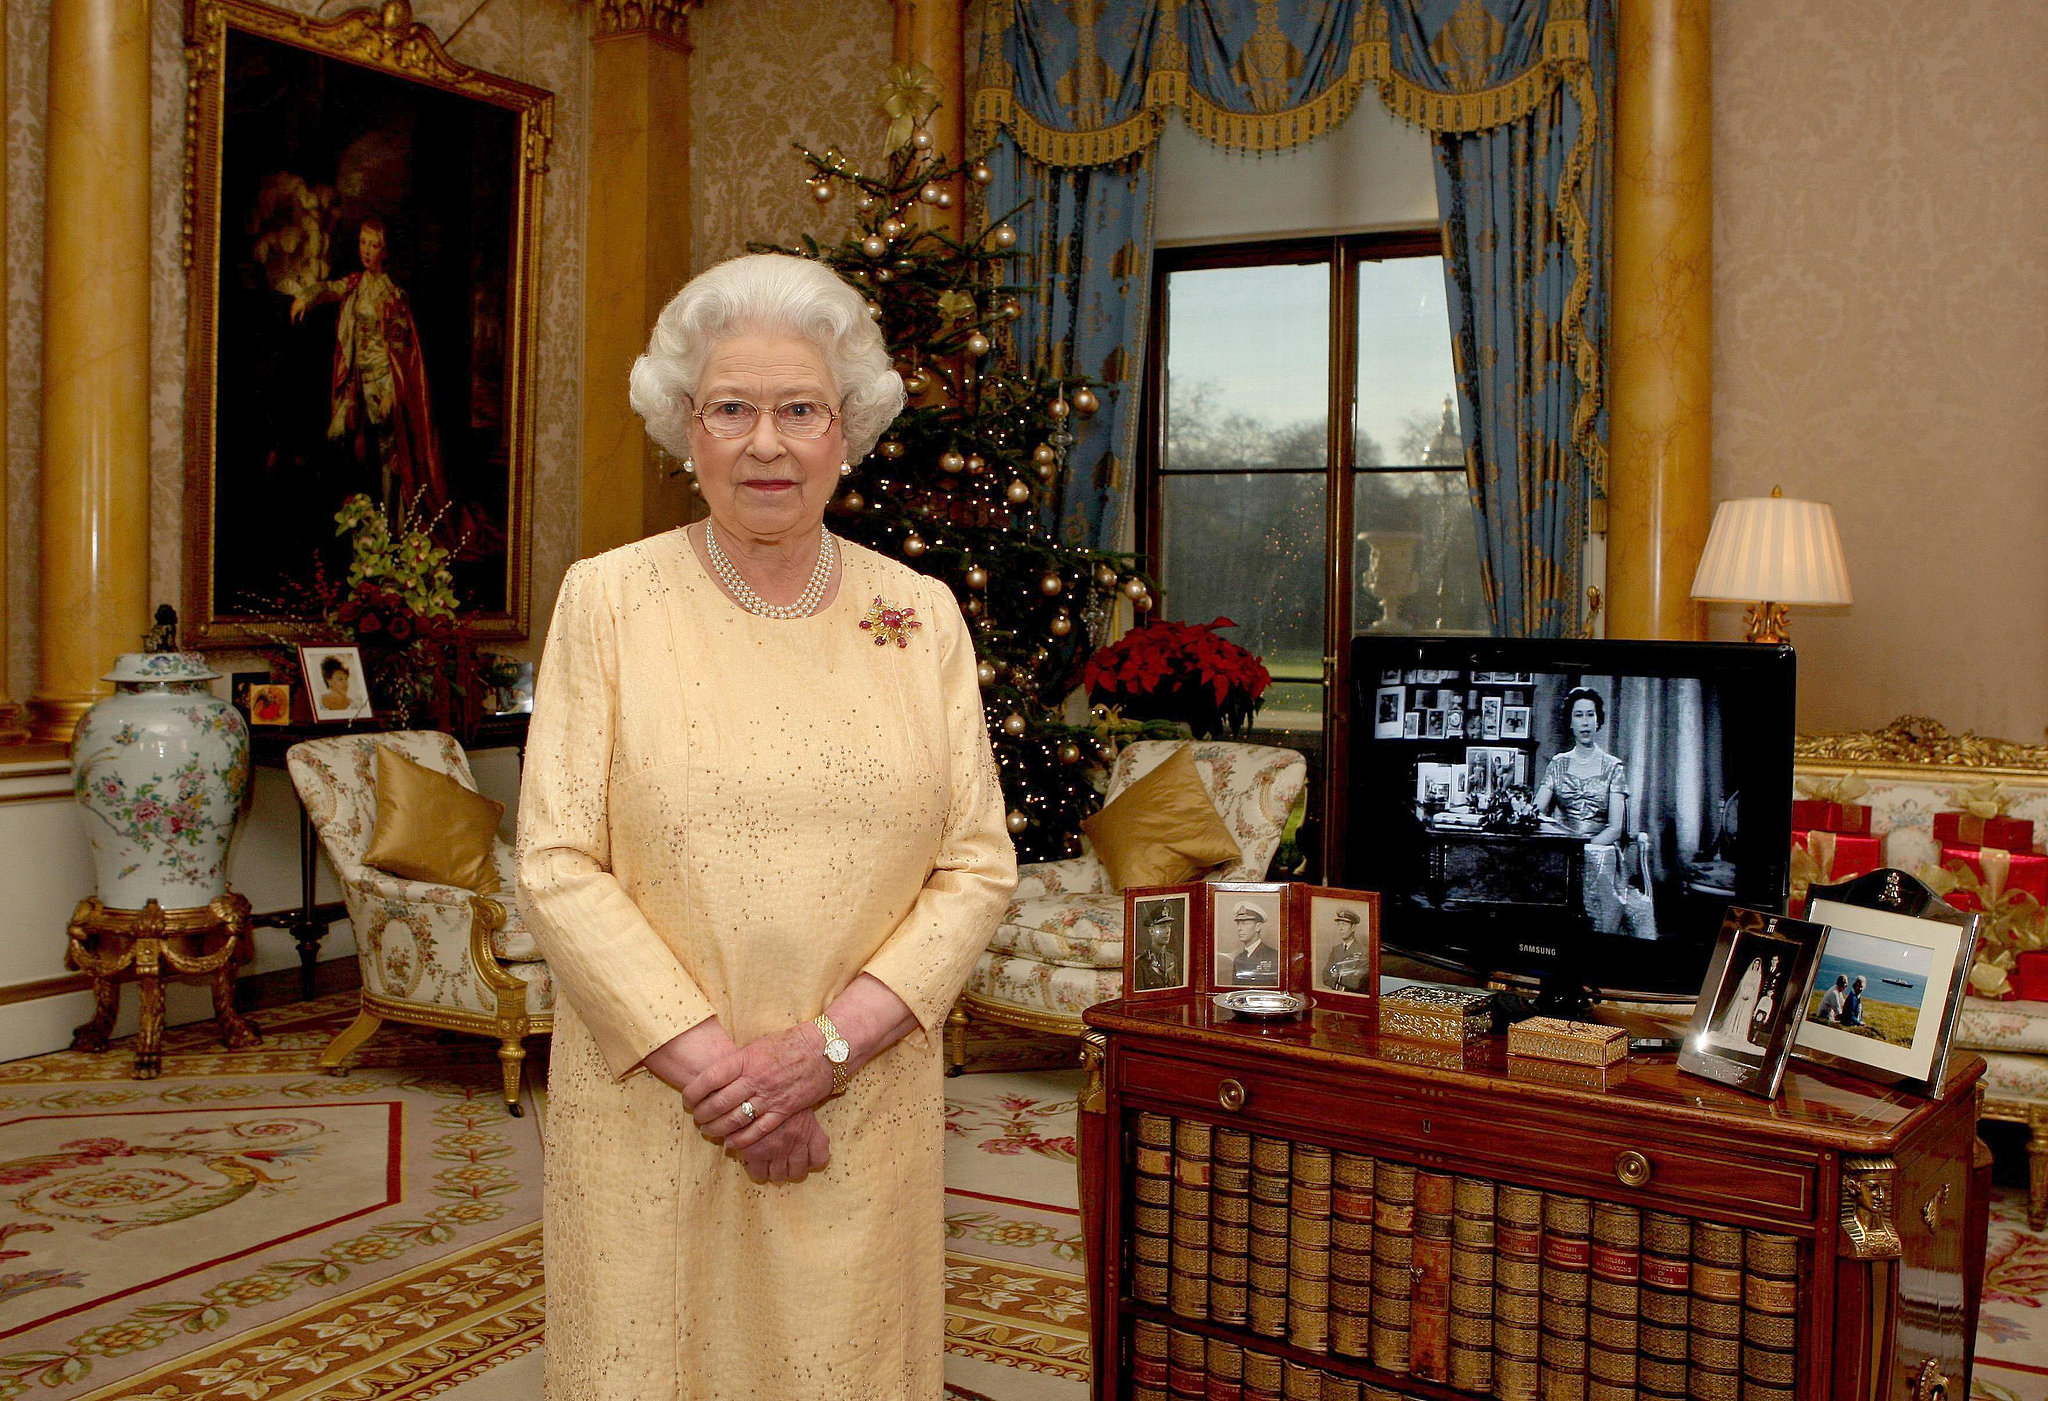 Queen Elizabeth Ii Filmed Her Christmas Day Message In